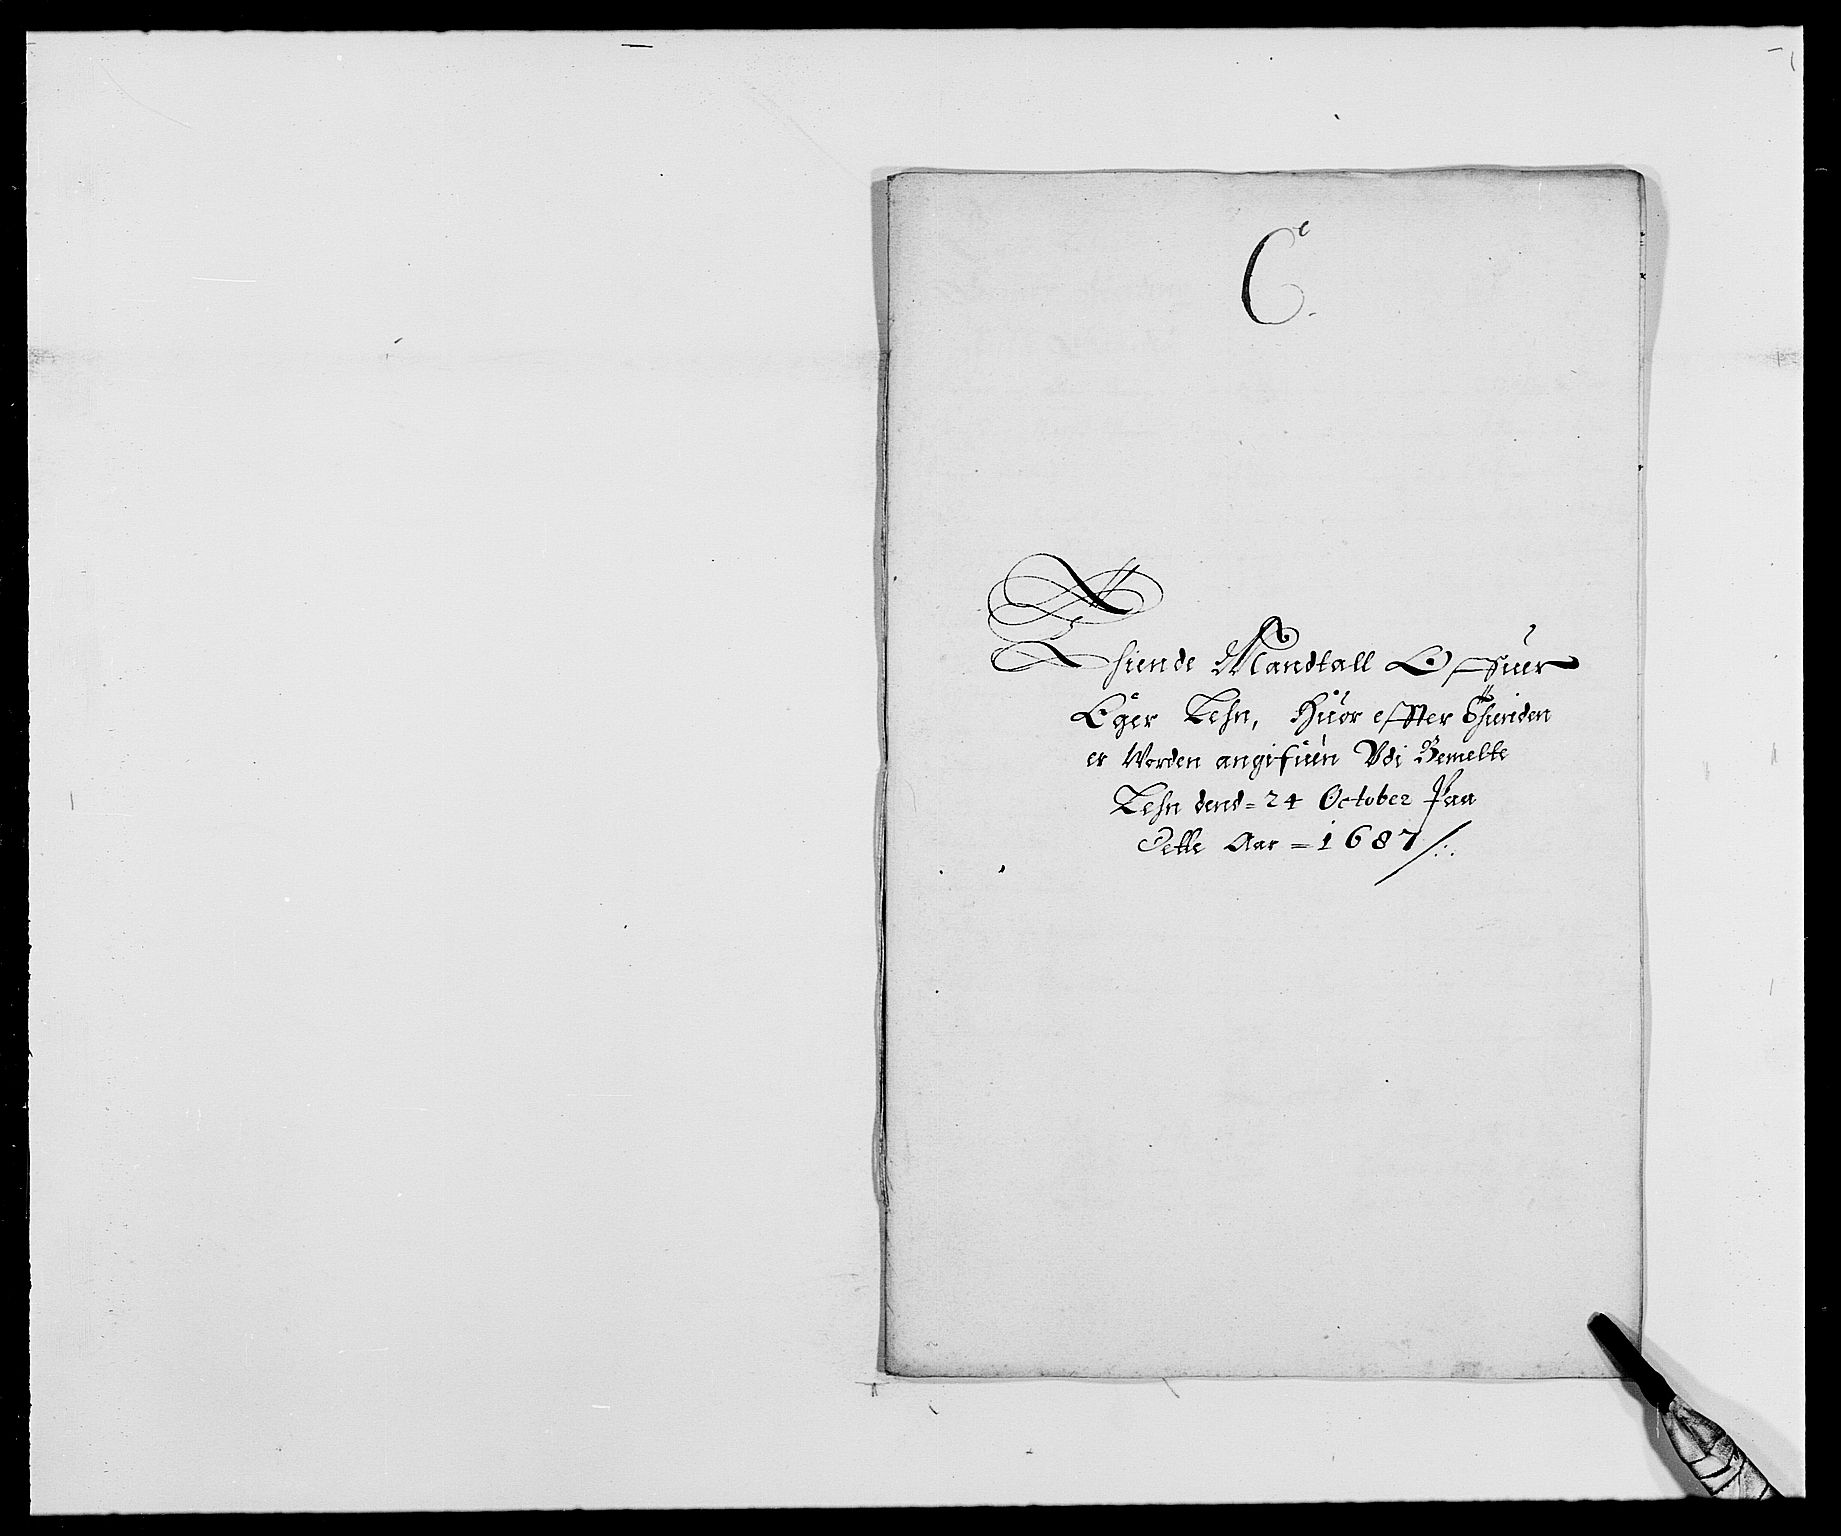 RA, Rentekammeret inntil 1814, Reviderte regnskaper, Fogderegnskap, R28/L1688: Fogderegnskap Eiker og Lier, 1687-1689, s. 20